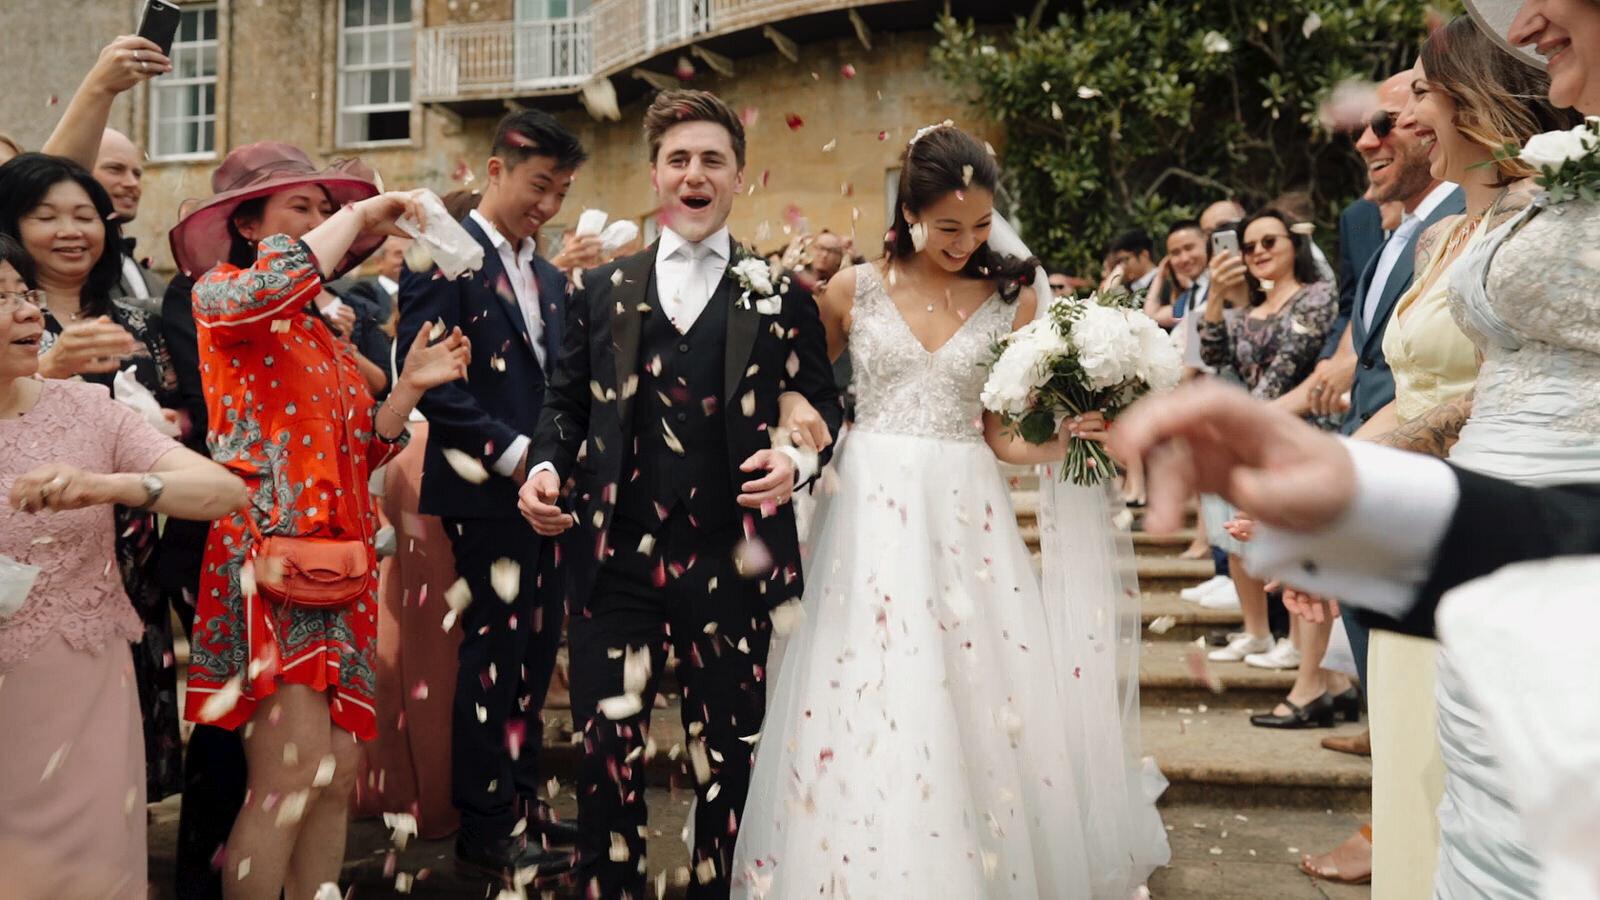 North Cadbury Court Wedding Venue